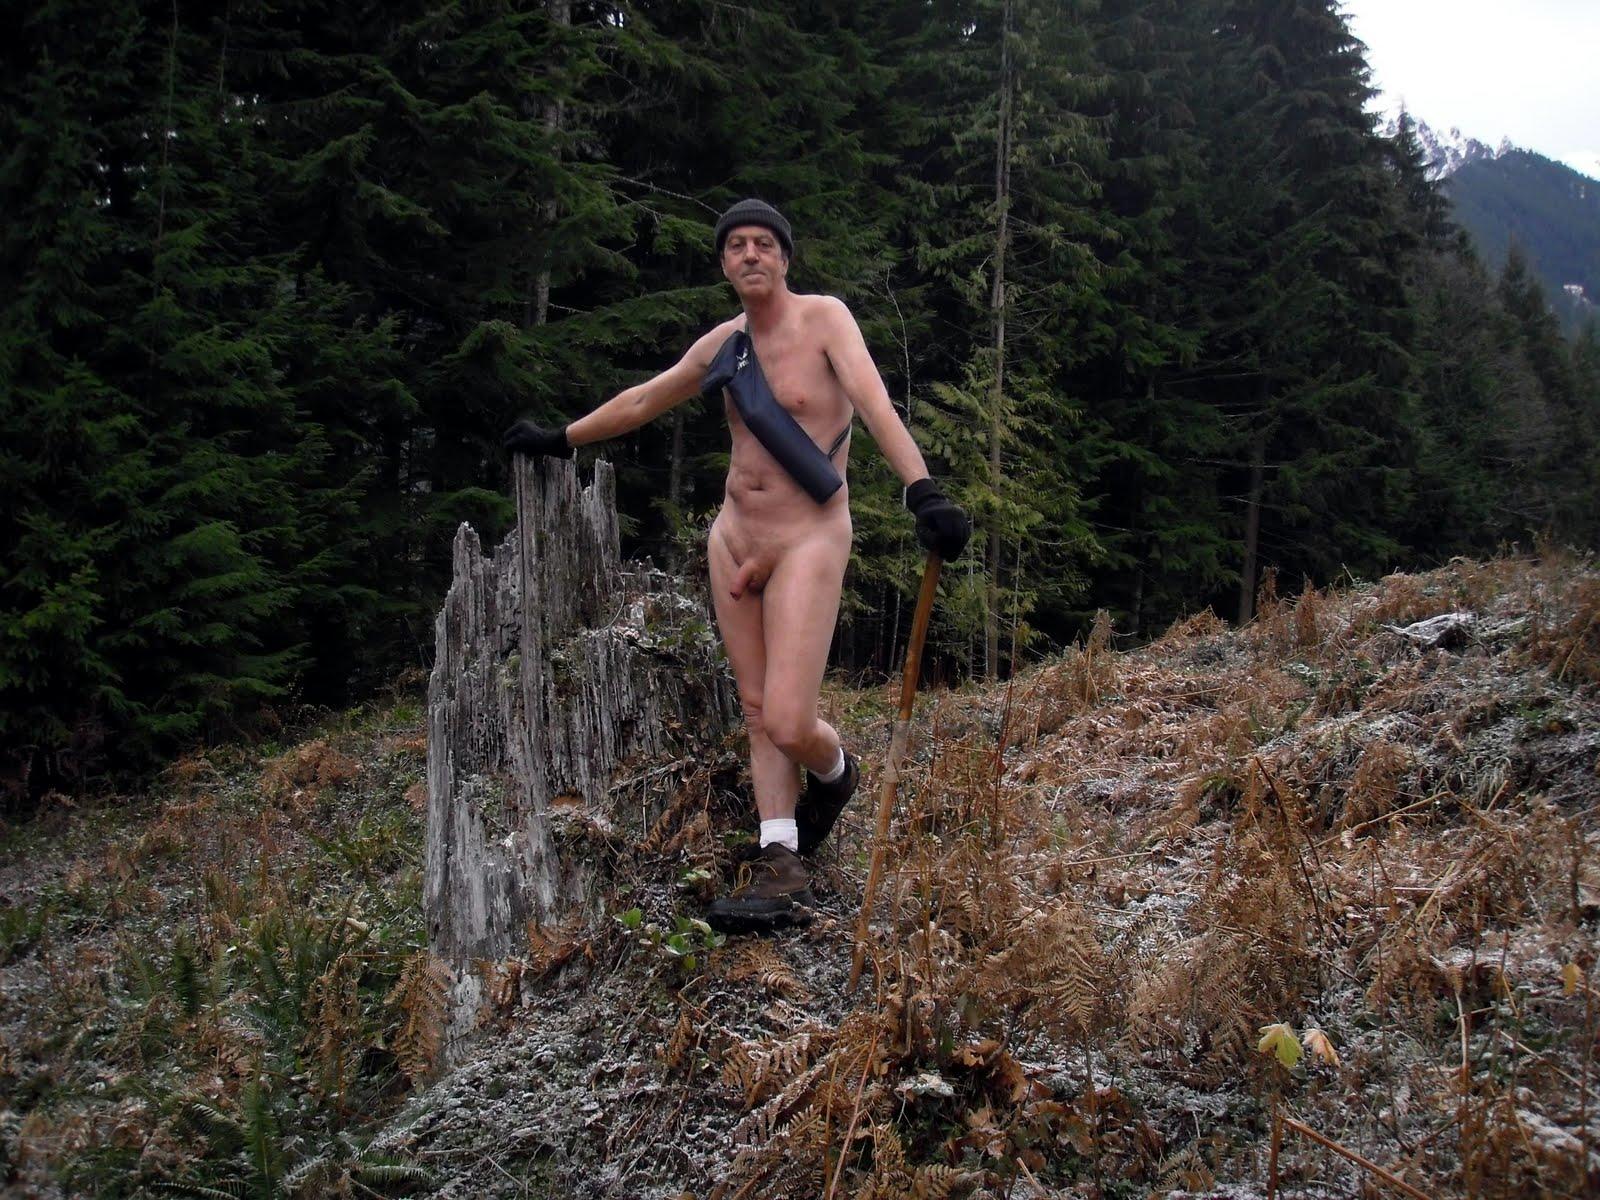 Naked Hiking